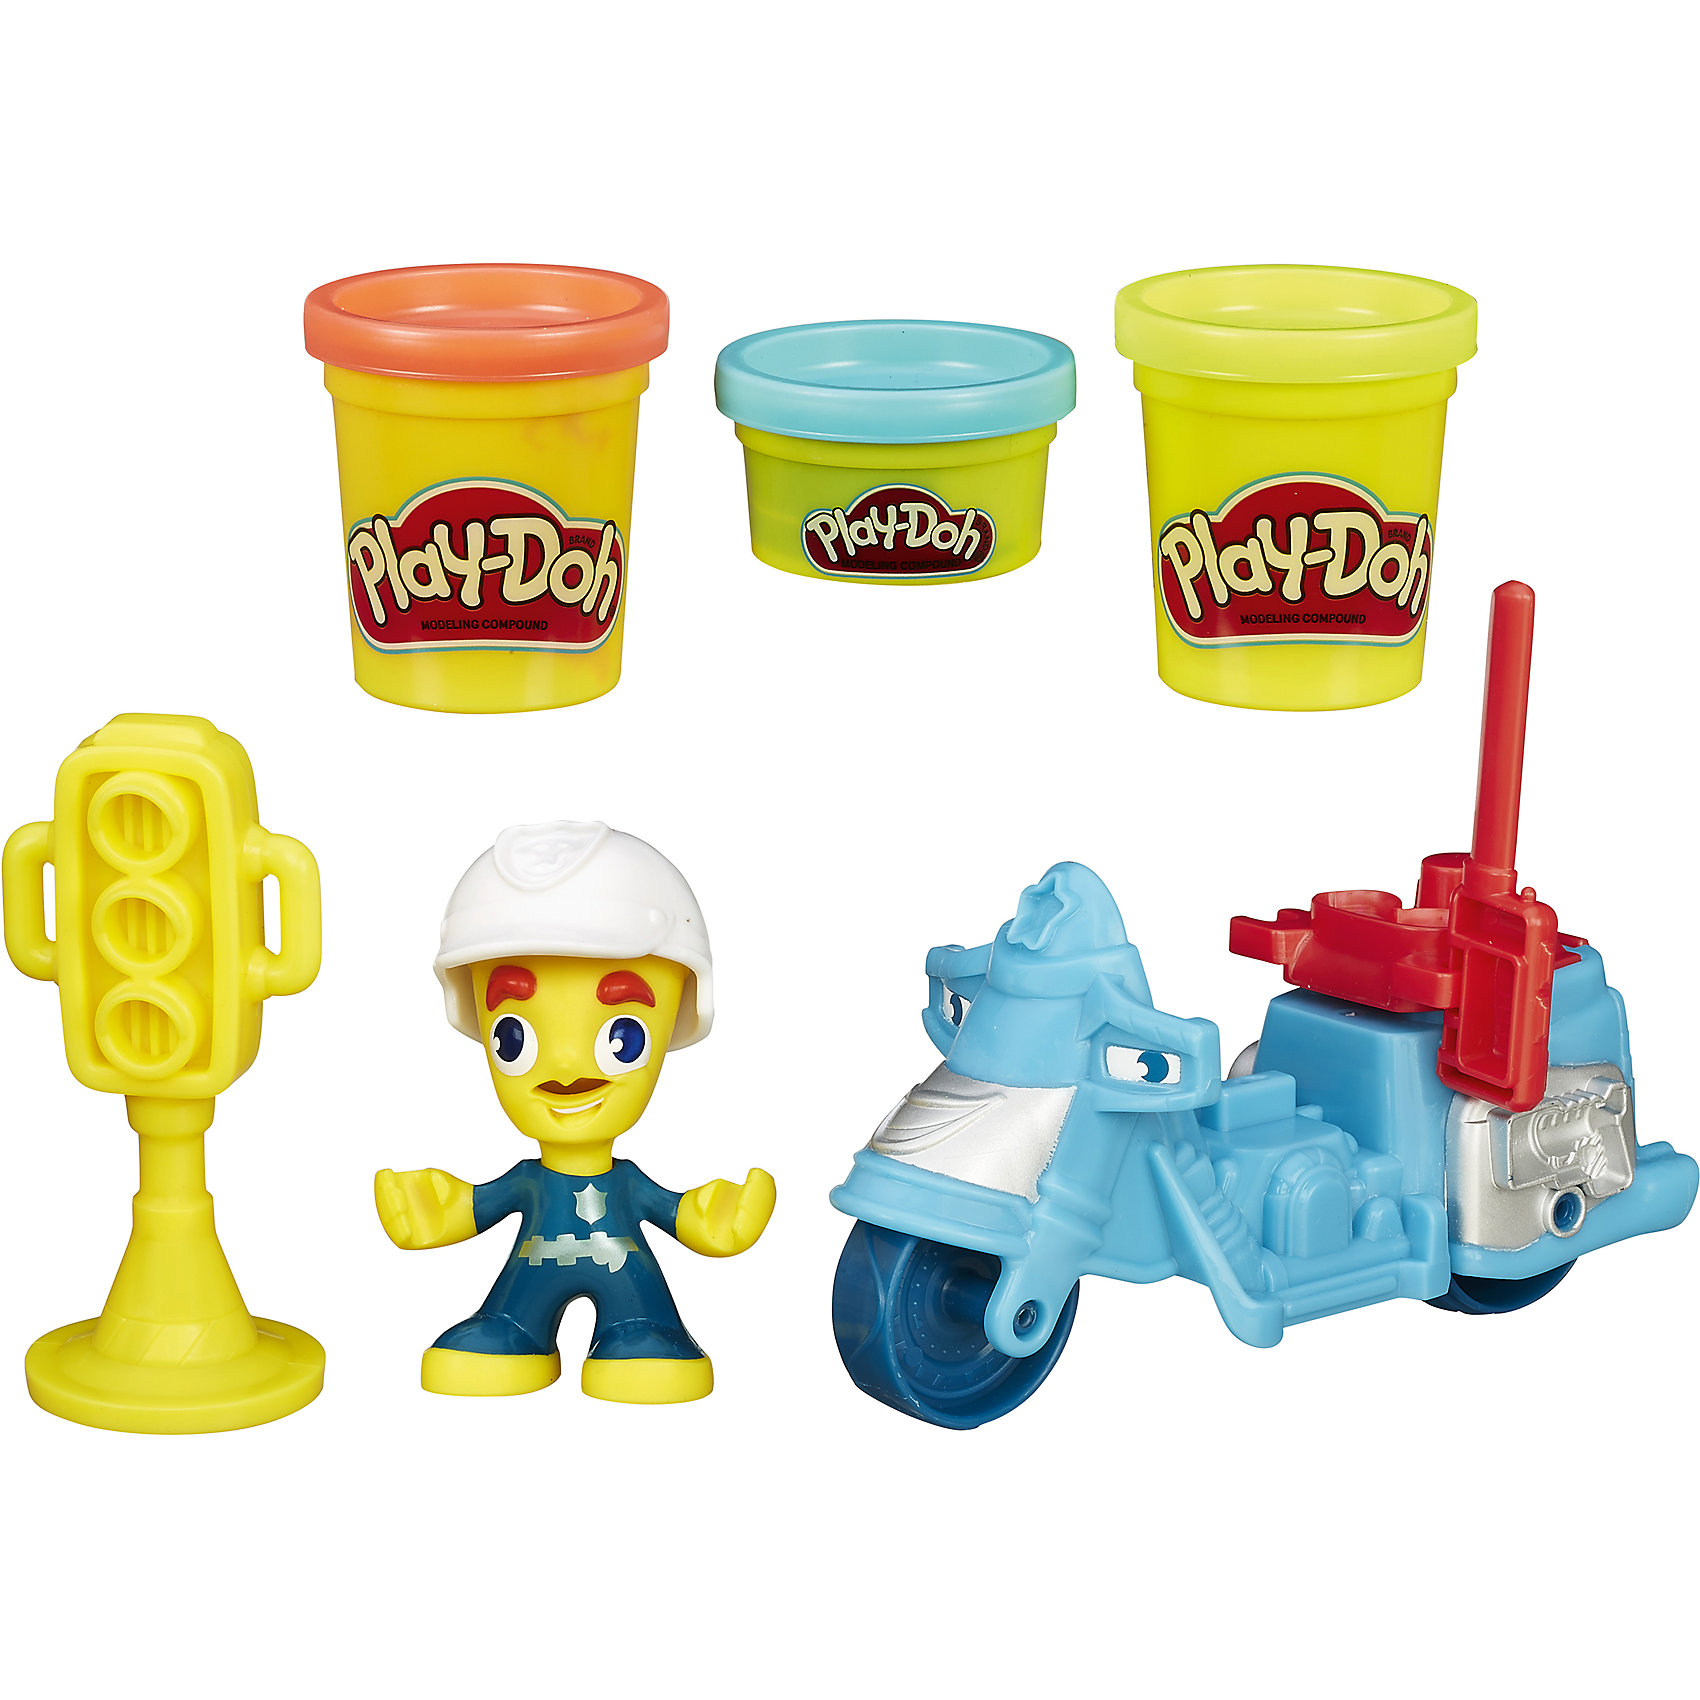 Hasbro Игровой набор Транспортные средства, Play-Doh Город, B5959/B5975 hasbro игровой набор магазинчик домашних питомцев play doh город